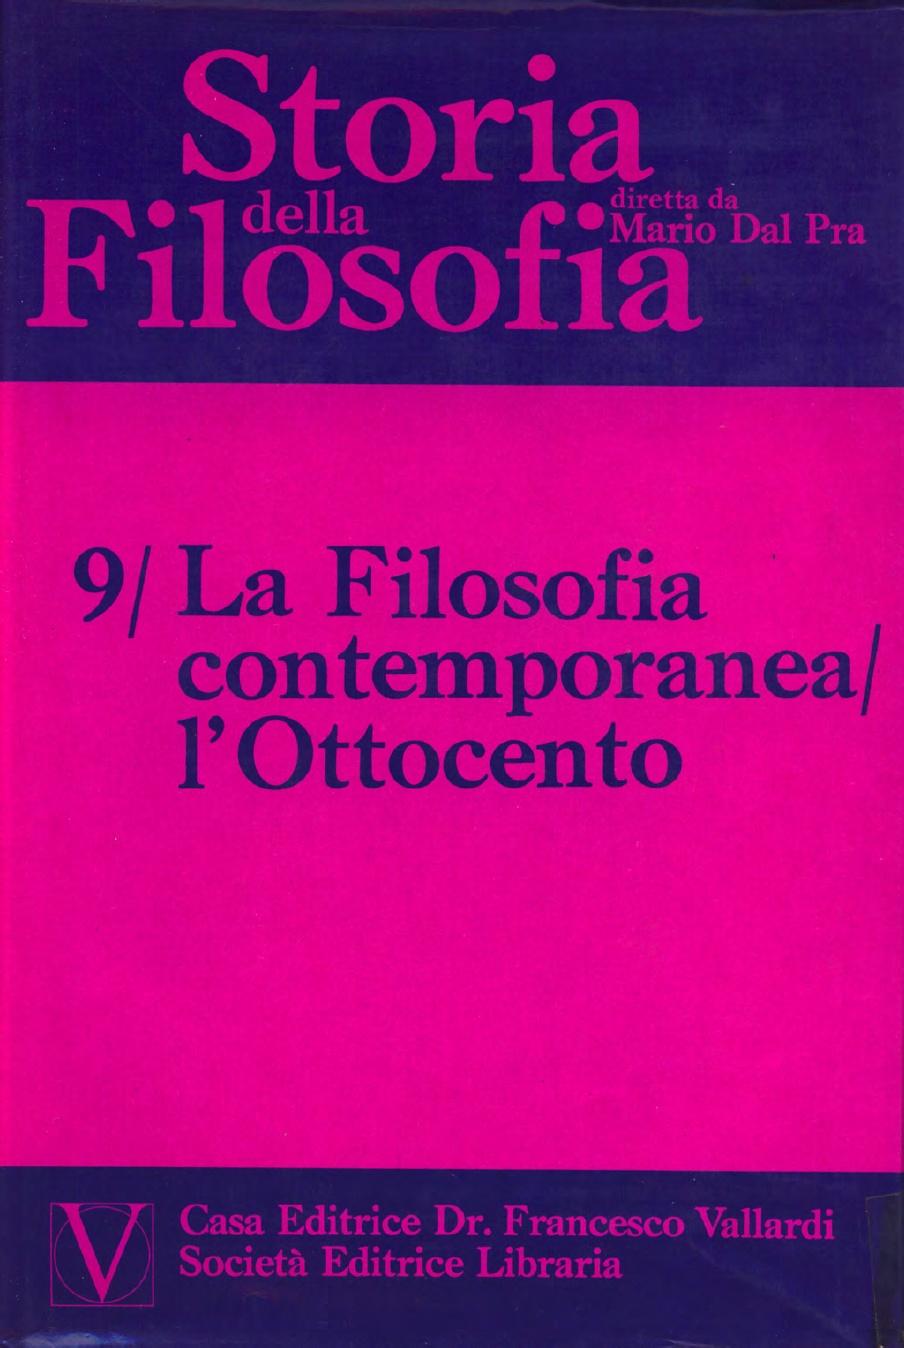 Storia della Filosofia - Volume IX